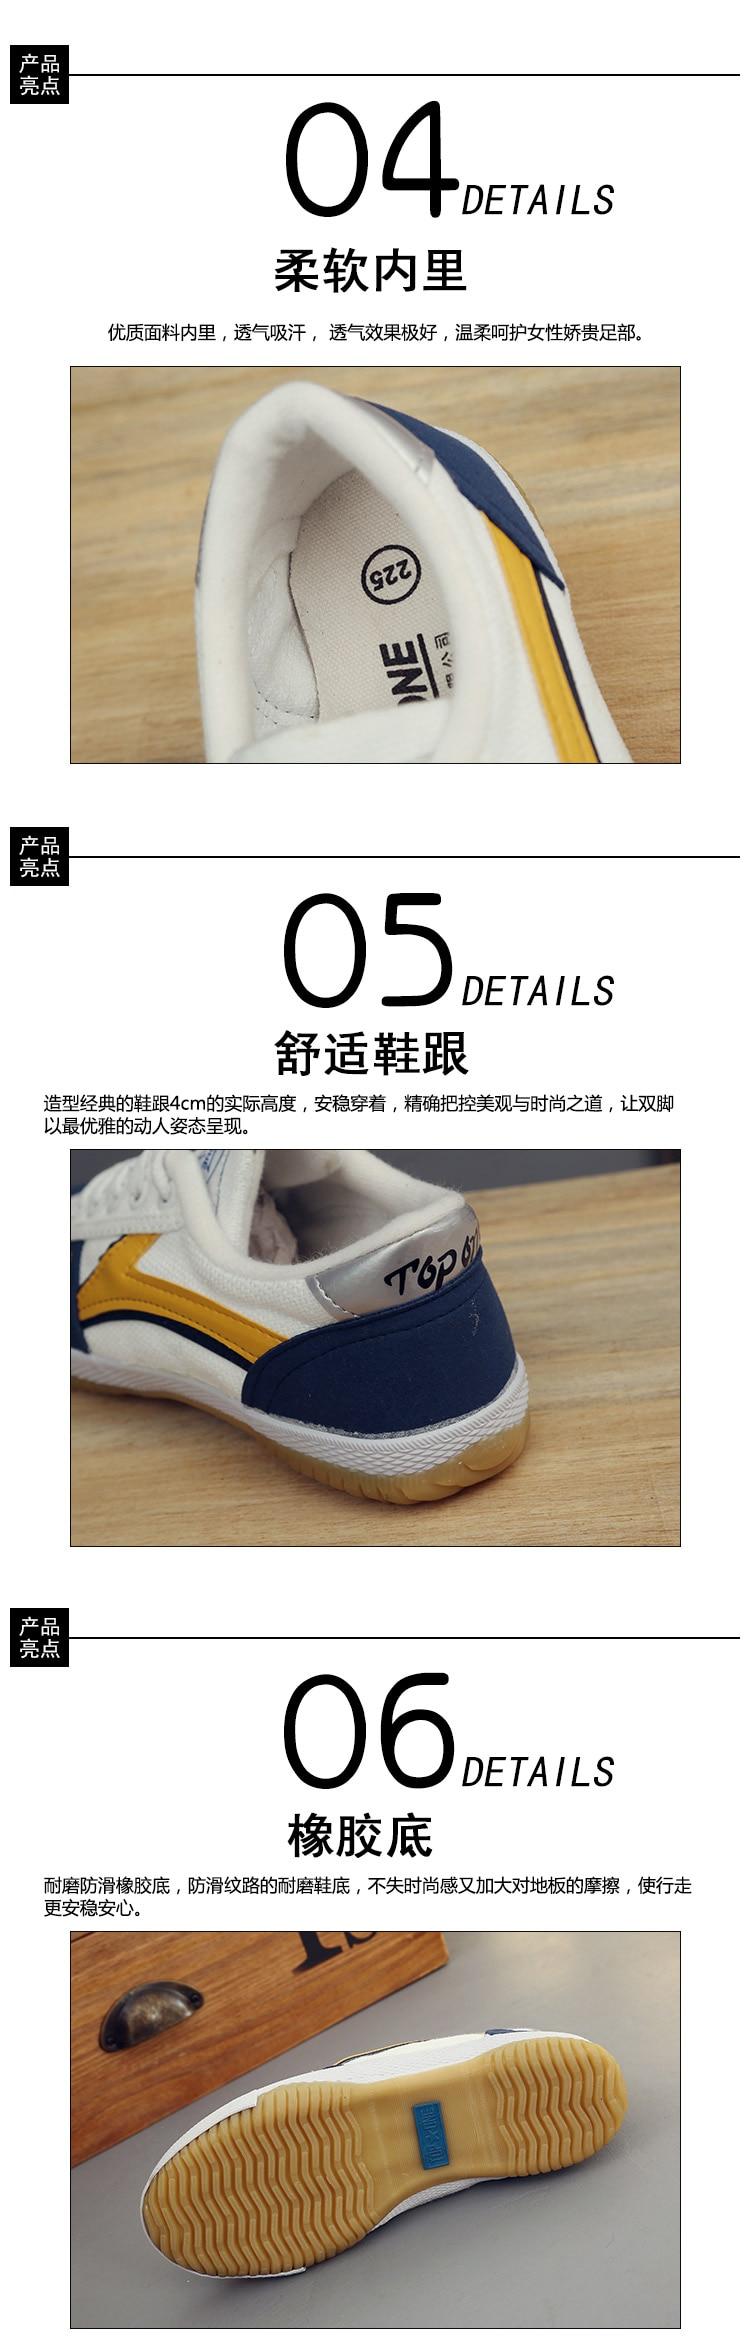 Профессиональная Обувь для настольного тенниса; дышащая обувь для мужчин и женщин; обувь для влюбленных с нескользящей подошвой Dichotomanthes; сетчатая поверхность; спортивная обувь; s